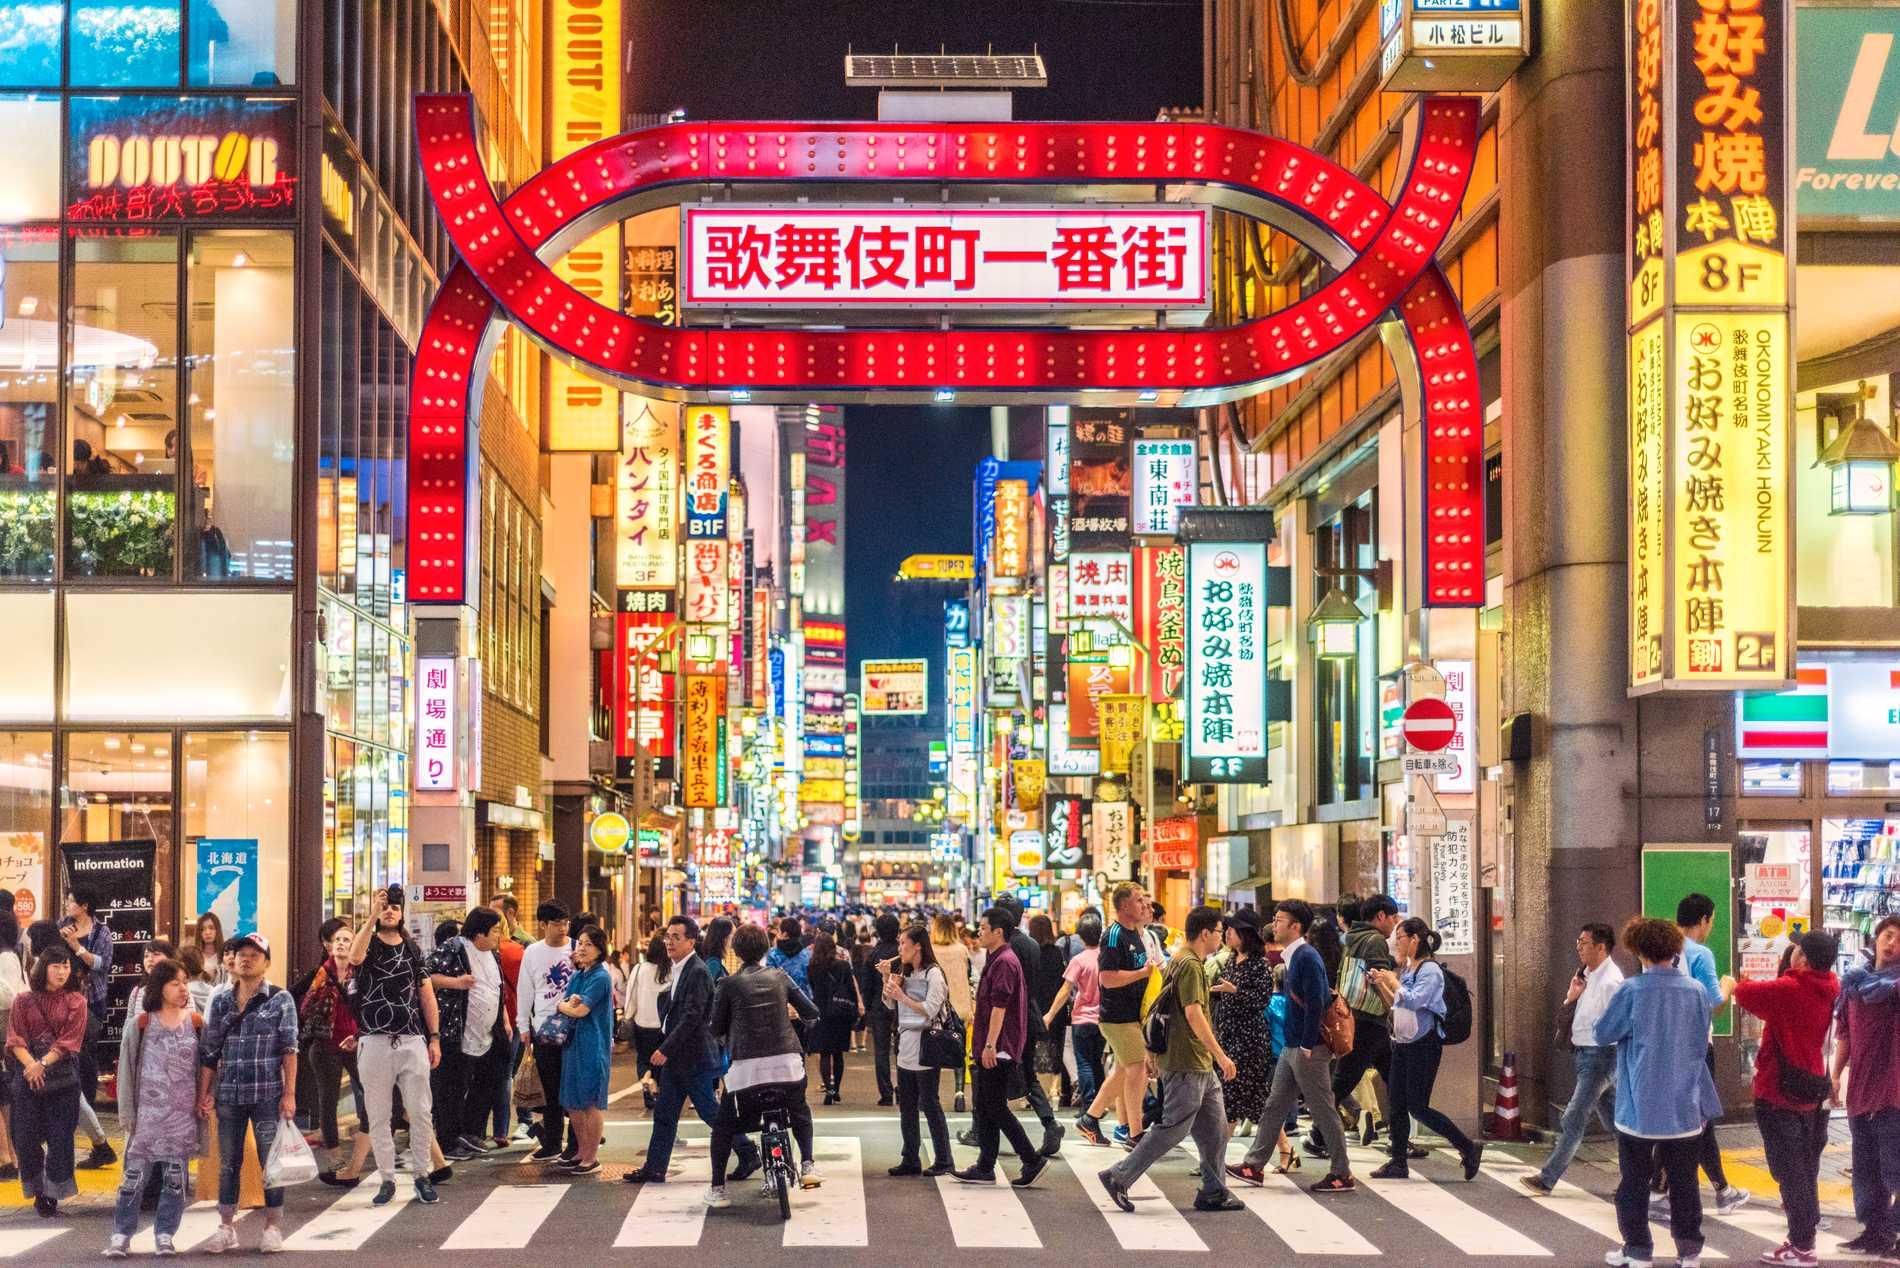 Tokyo är den säkraste staden enligt undersökningen.